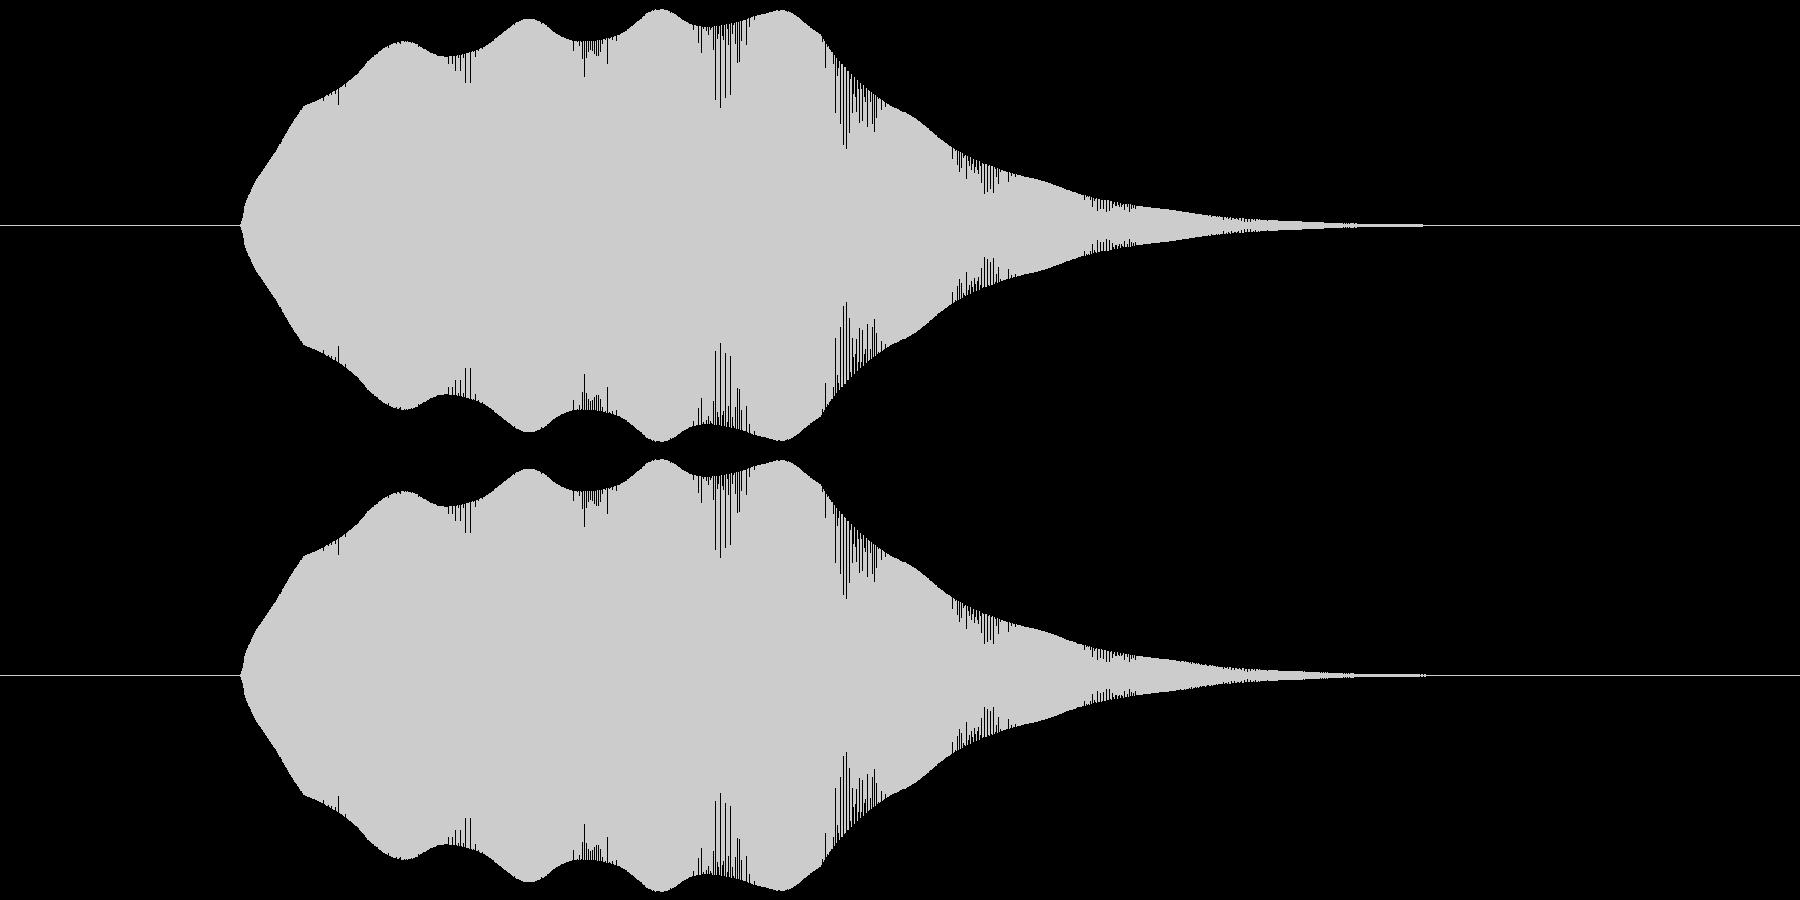 ピヨヨヨ(失敗・縮小・弱体化・困る・汗)の未再生の波形